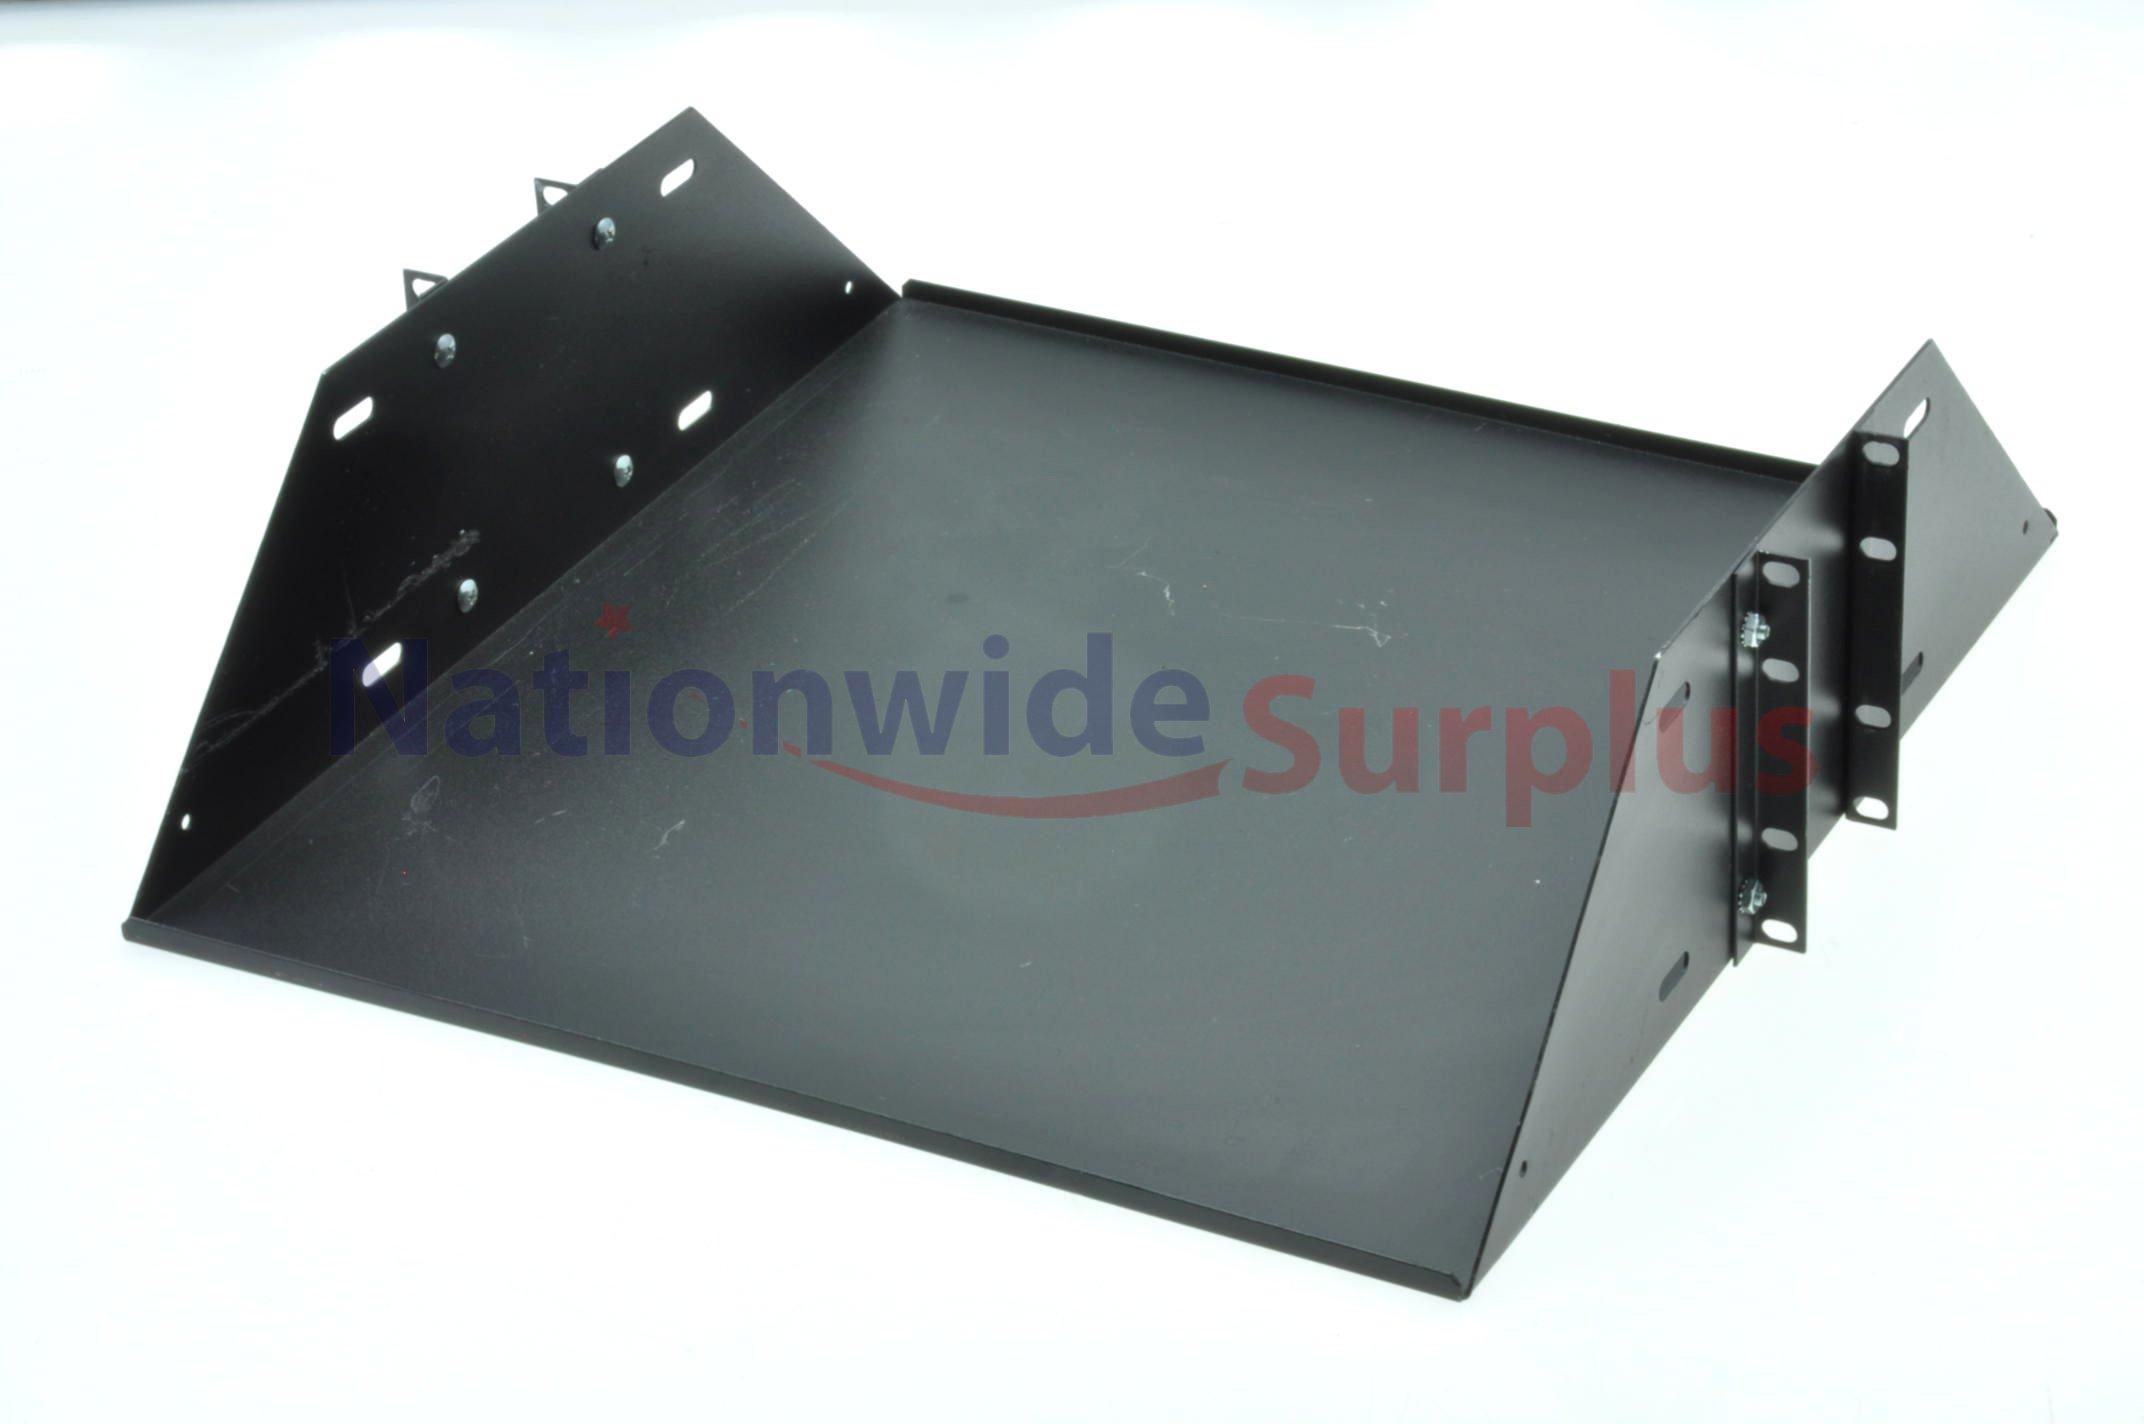 black 19 x19 x 4u center post mount server rack shelf ebay. Black Bedroom Furniture Sets. Home Design Ideas